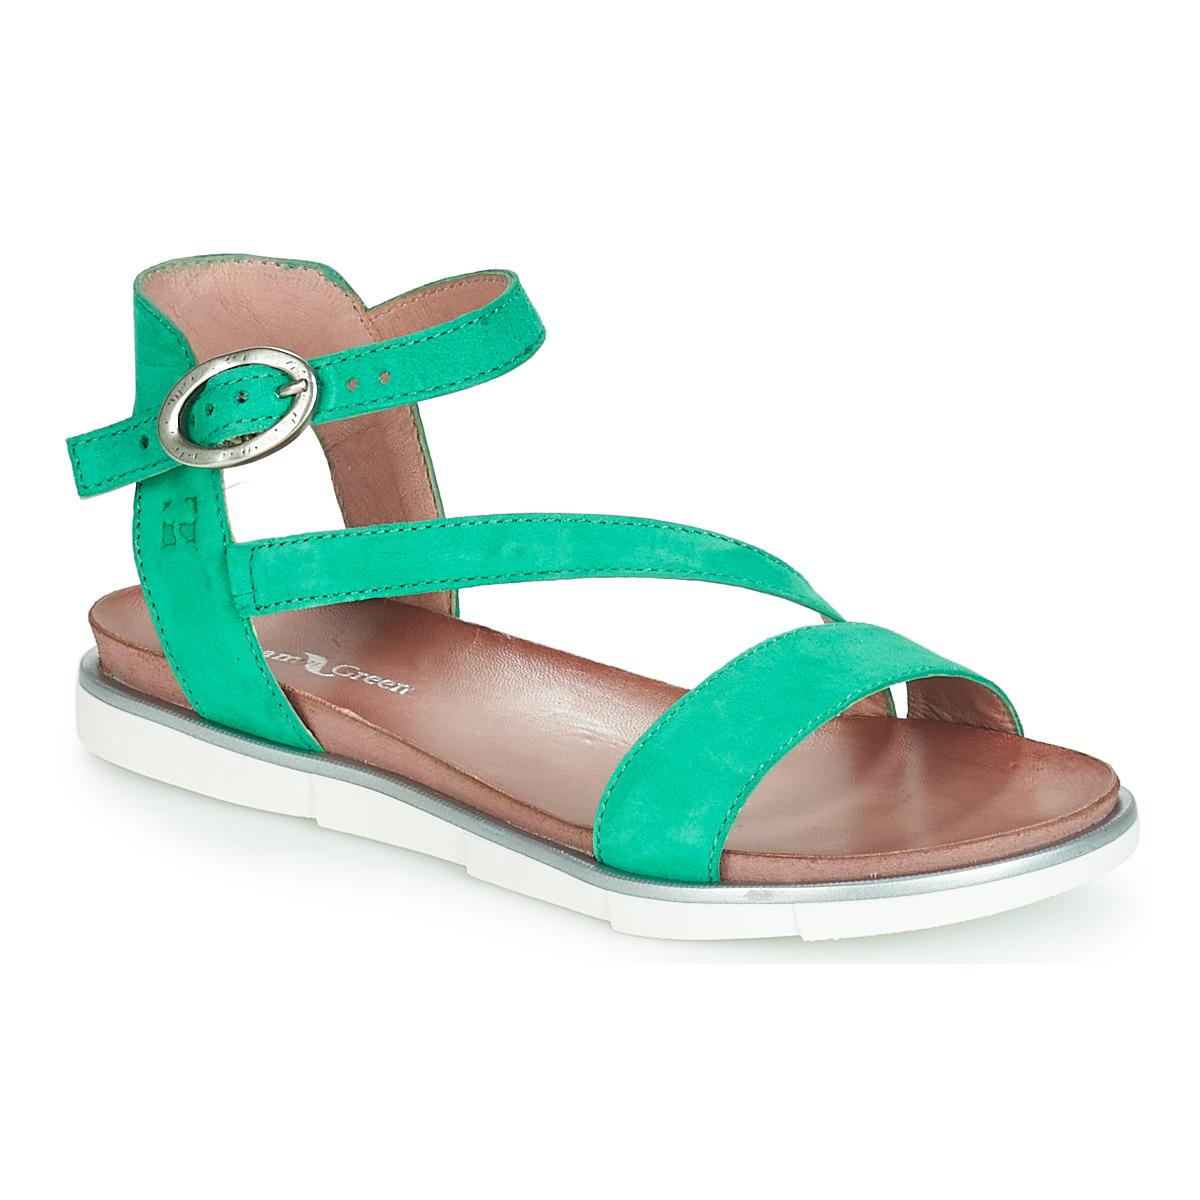 4832ca2bb7a7 DREAM IN GREEN ženske sandale JECOULI